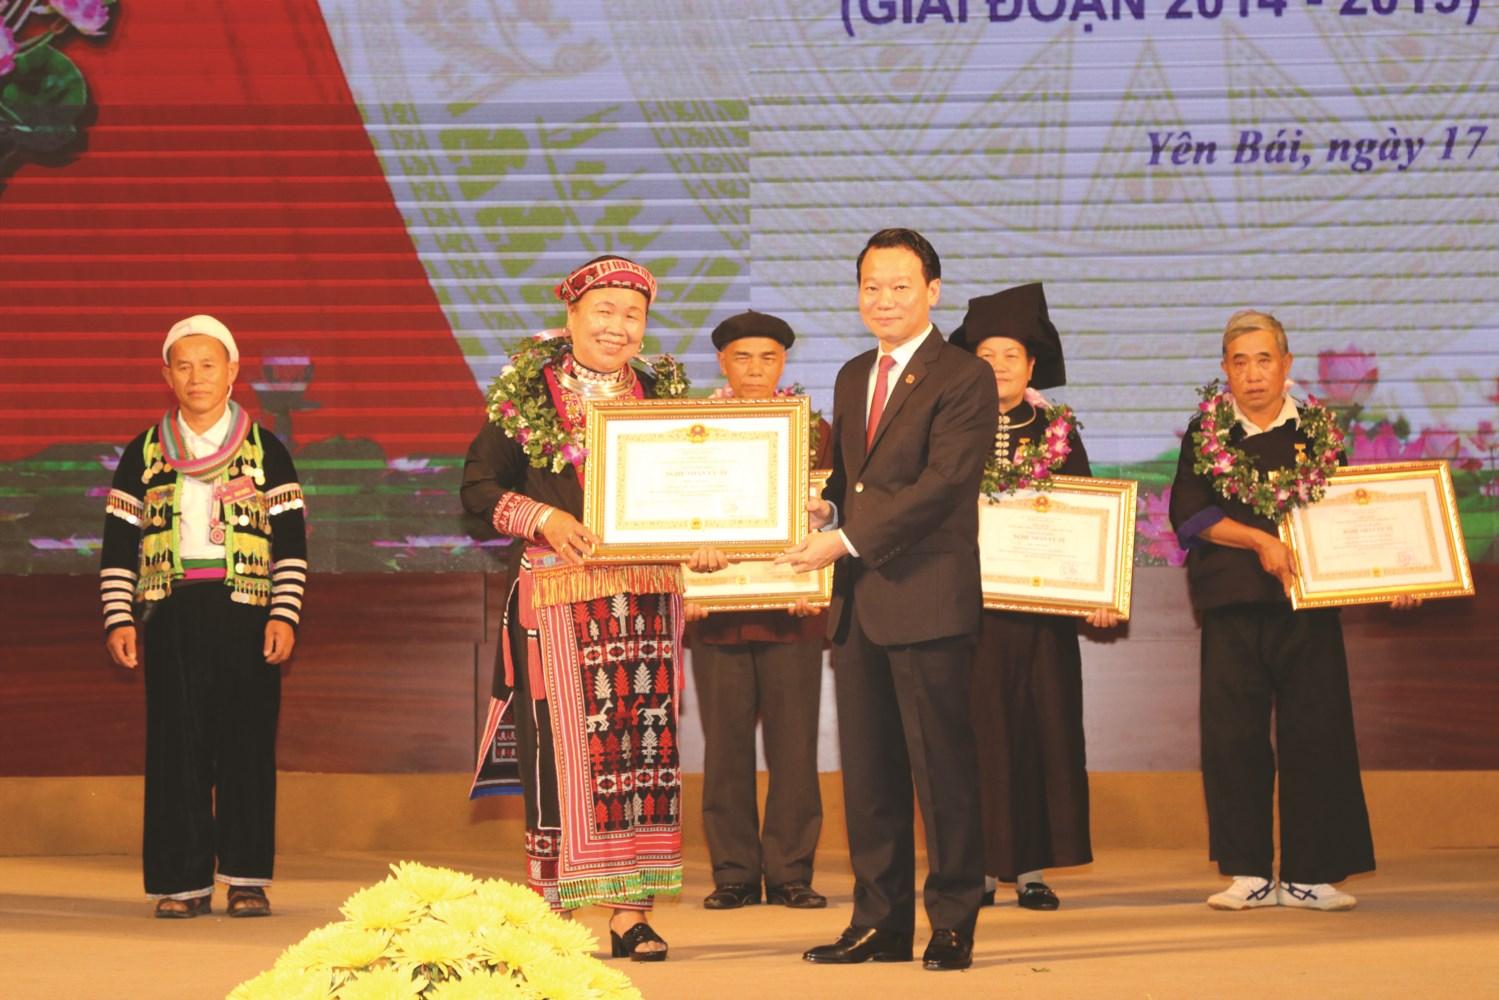 Chủ tịch UBND tỉnh Yên Bái Đỗ Đức Duy trao Bằng vinh danh Nghệ nhân ưu tú của Chủ tịch nước cho bà Triệu Thị Nhậy (xã Phúc Lợi, huyện Lục Yên).